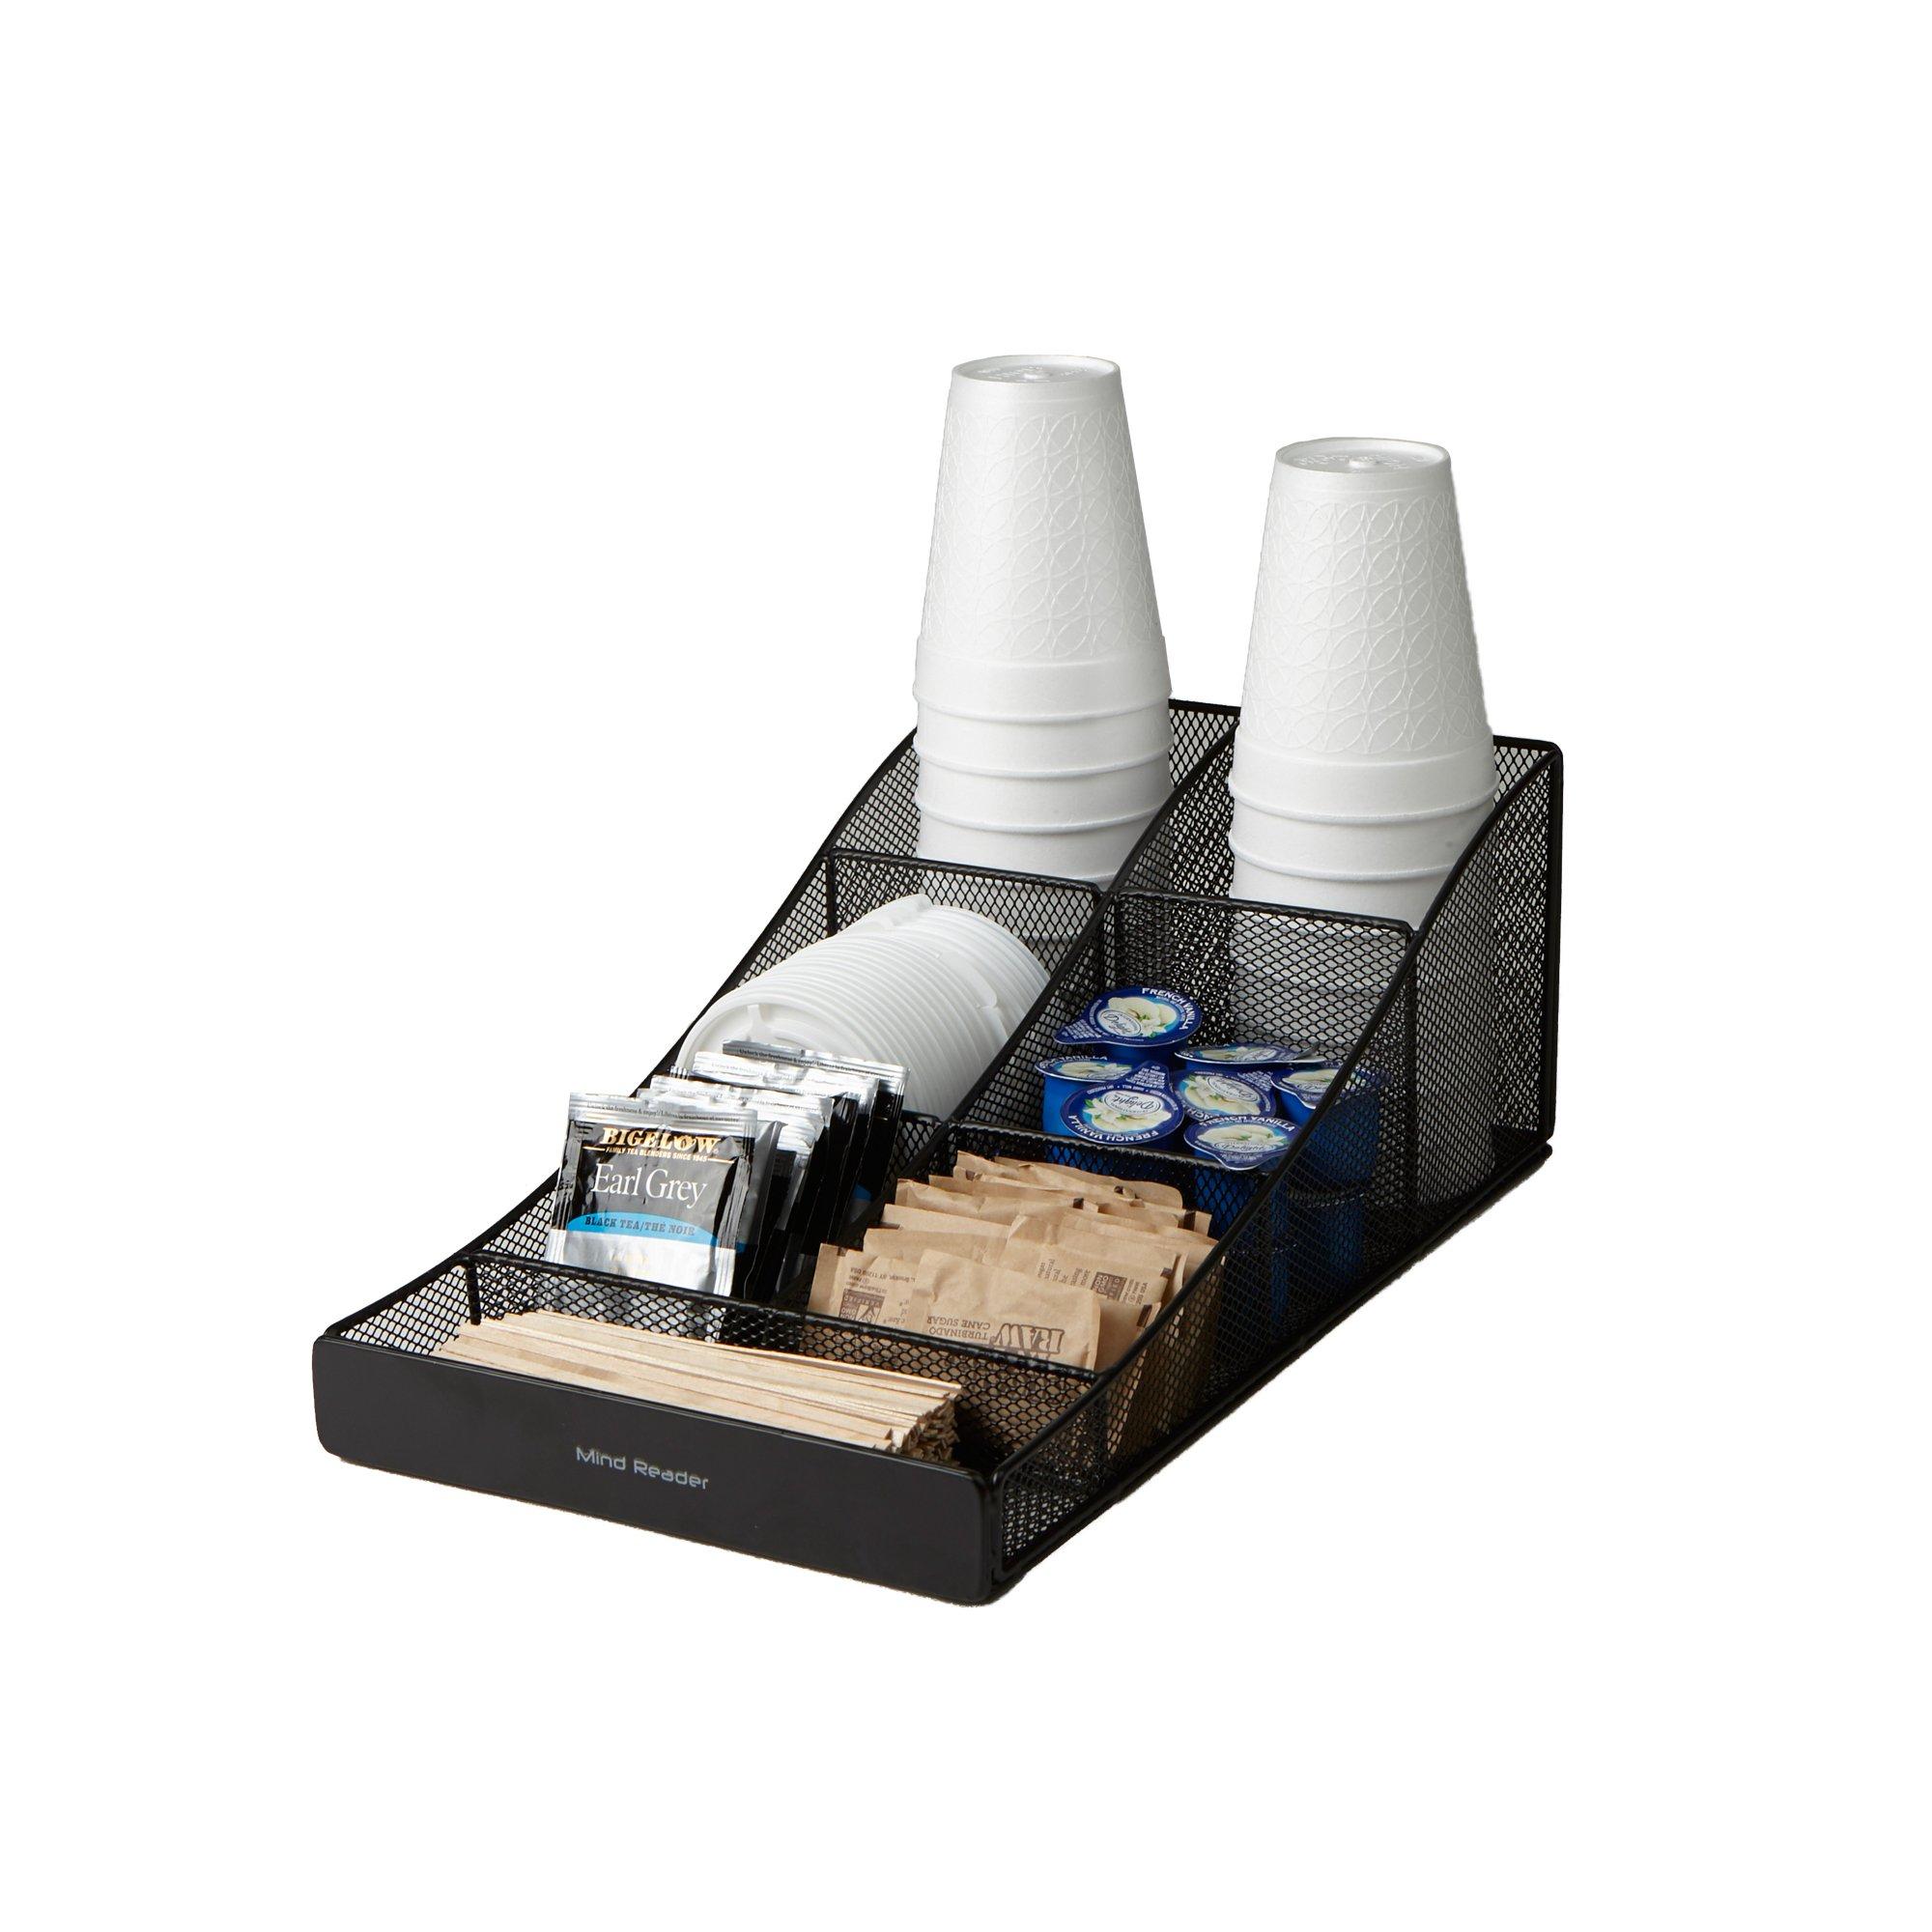 Mind Reader COMP7MESH-BLK Condiment Organizer Storage, Black Metal Mesh by Mind Reader (Image #1)